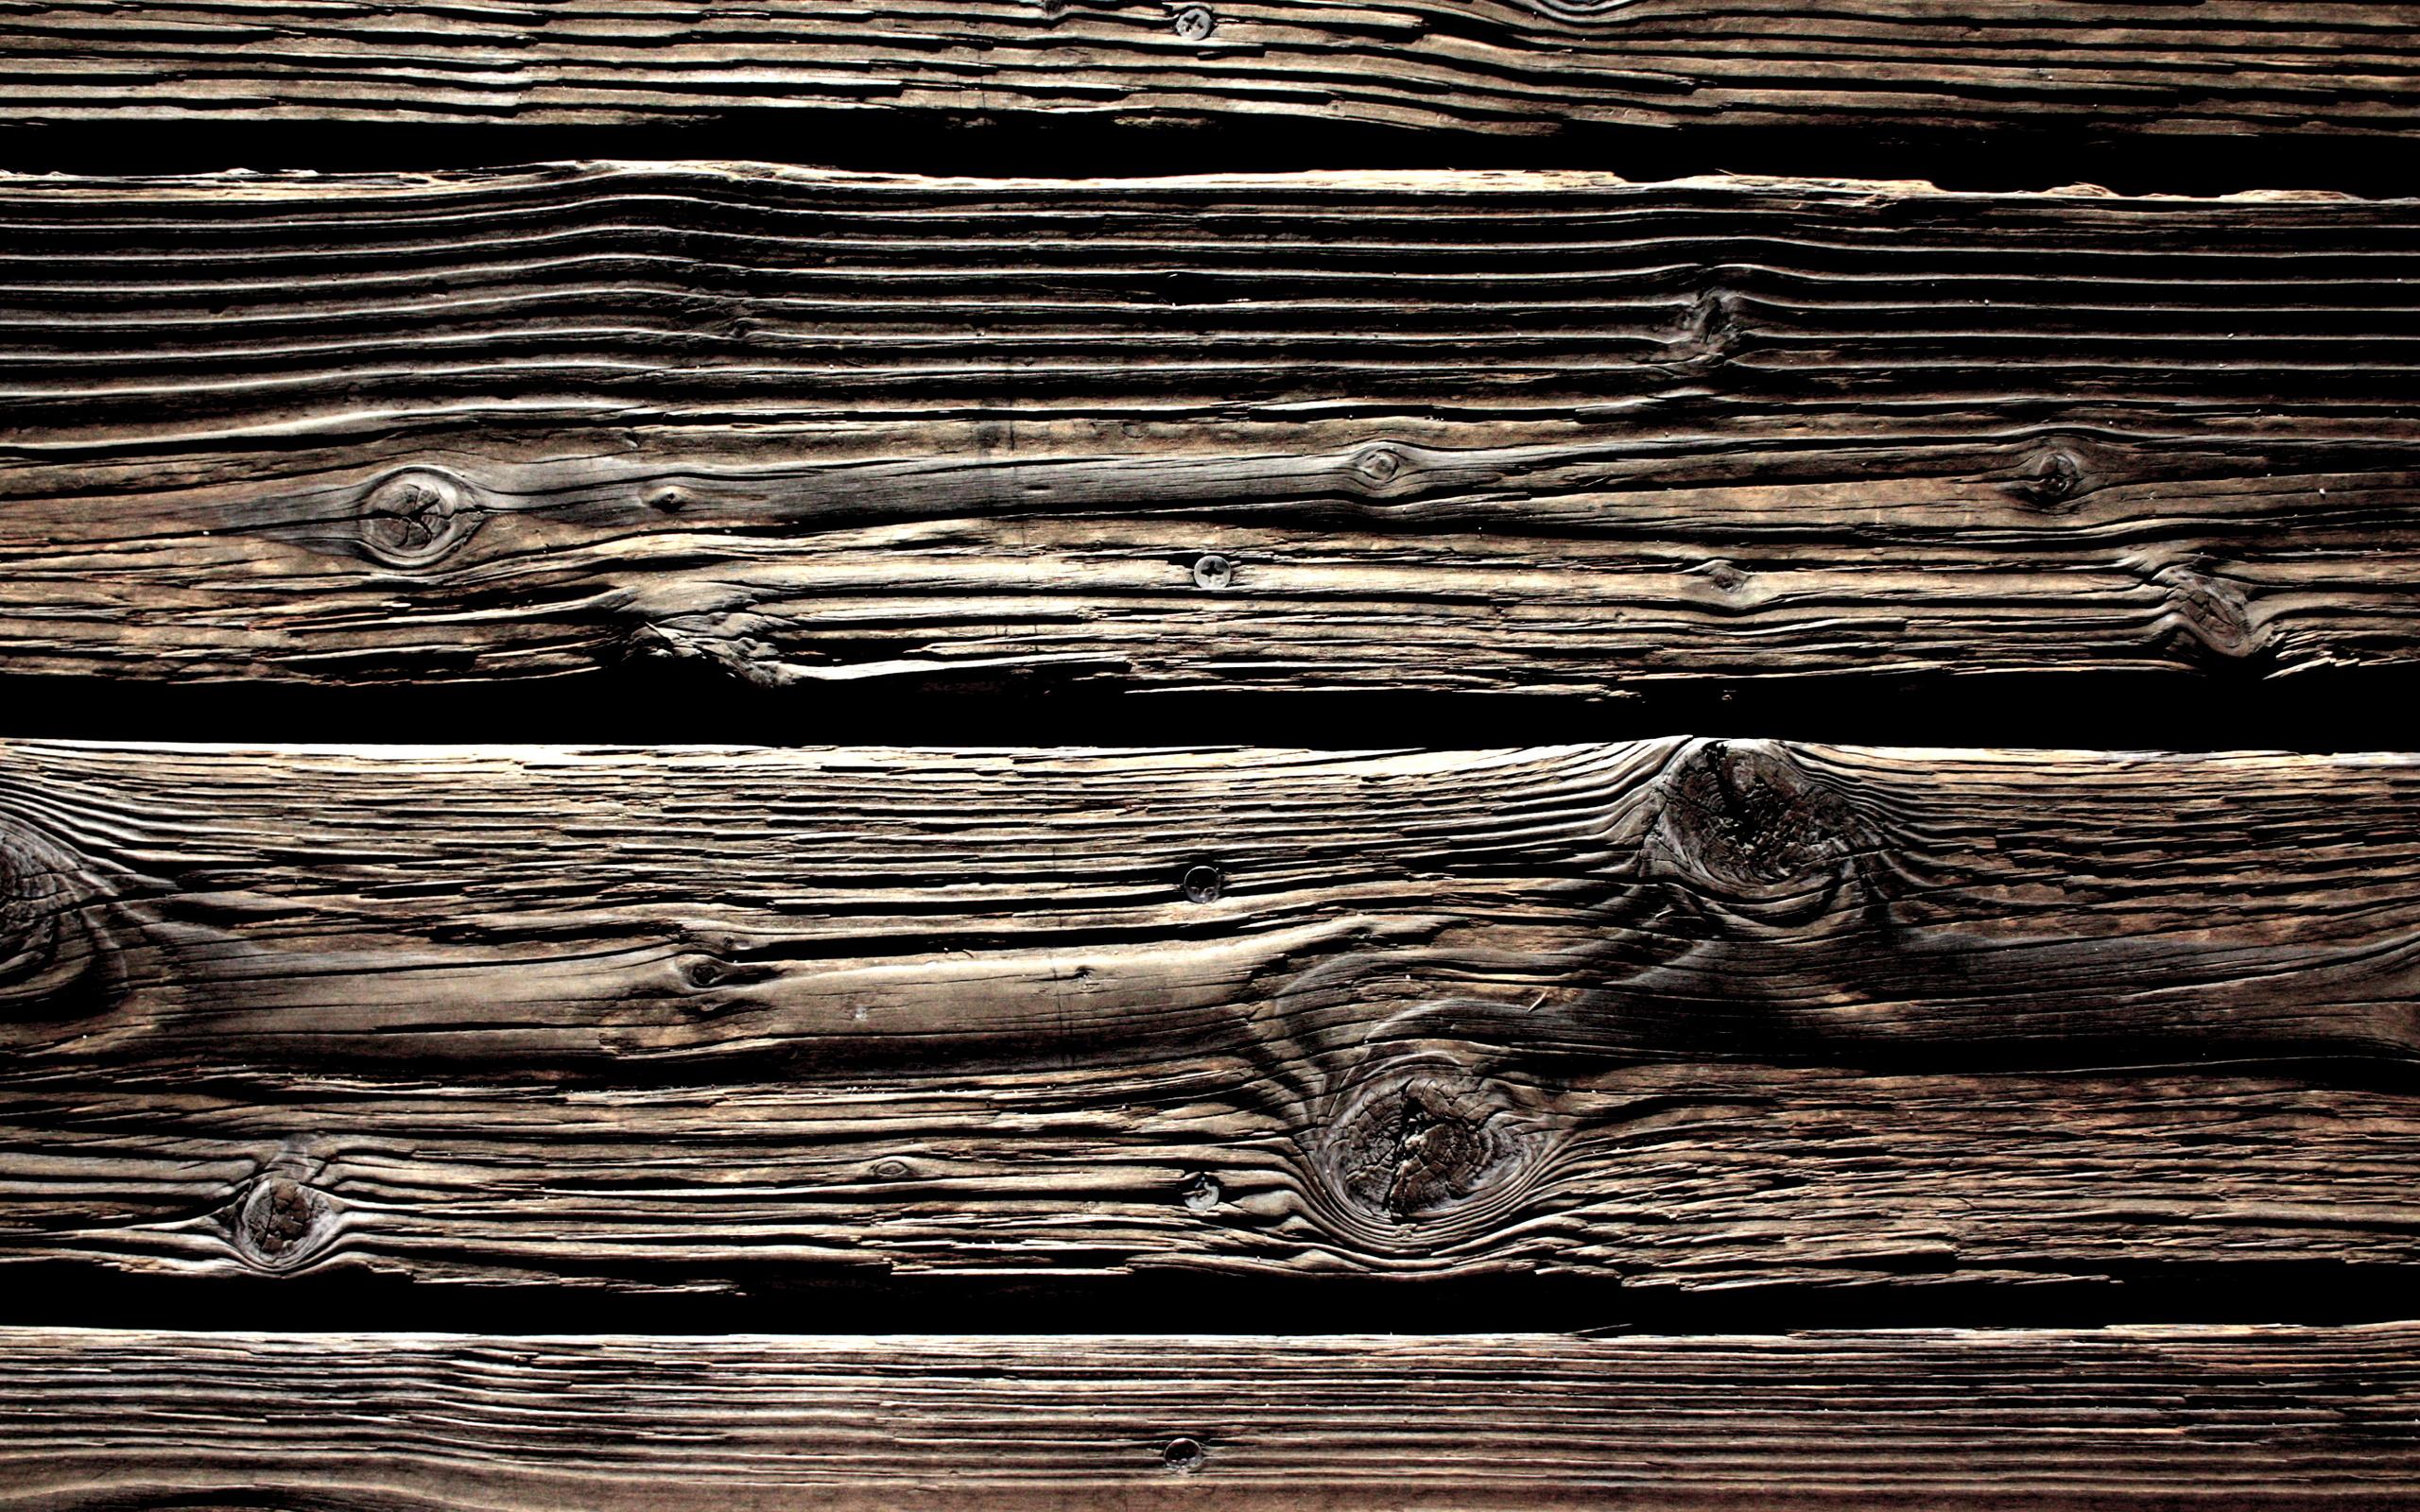 Weathered Wood Look Wallpaper WallpaperSafari